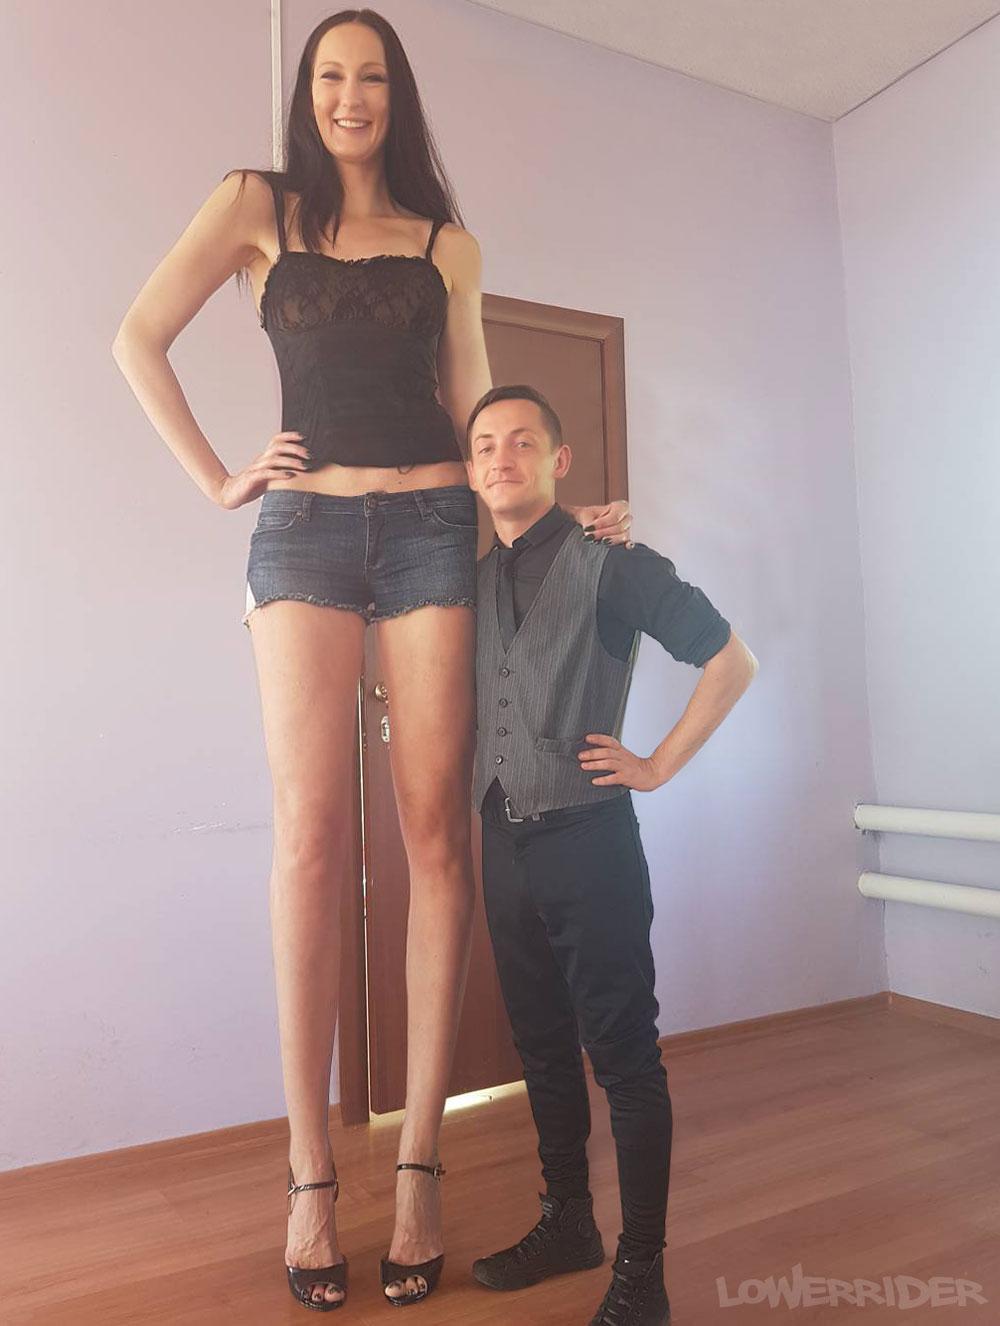 высокий и низкий мужчина картинка встретился ольгой